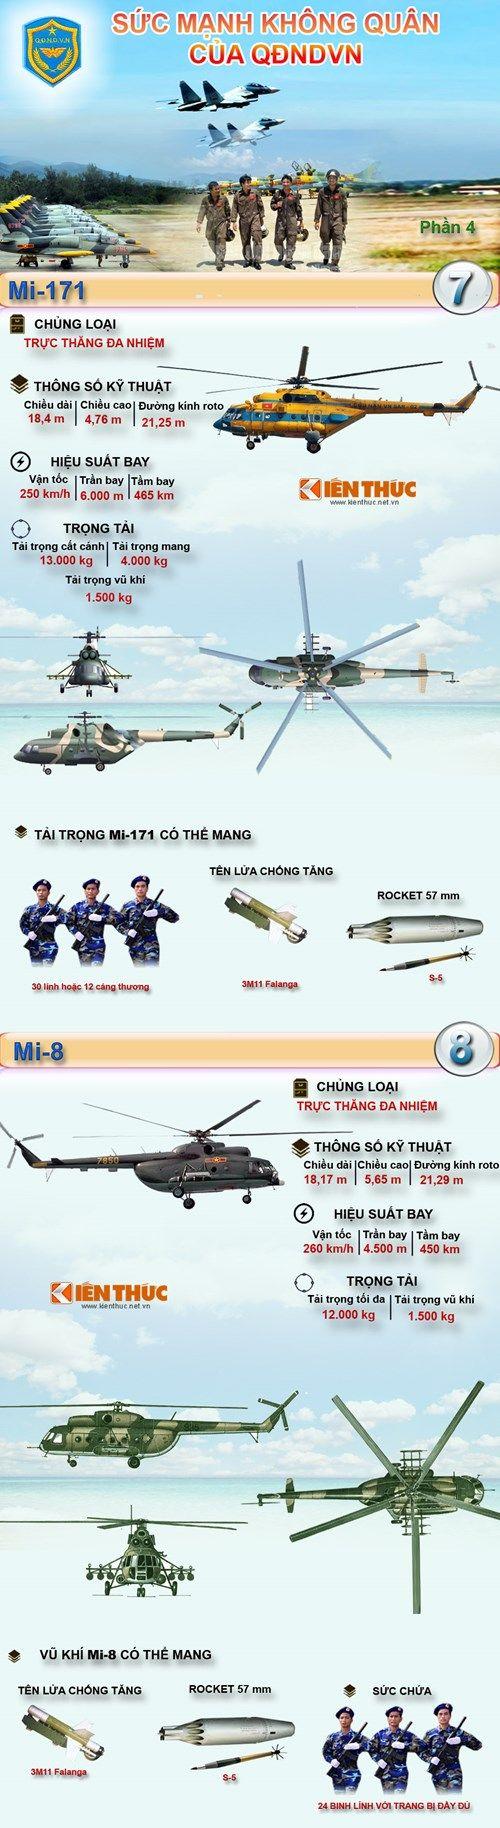 Infographic Sức mạnh Không quân Nhân dân Việt Nam kỳ 4